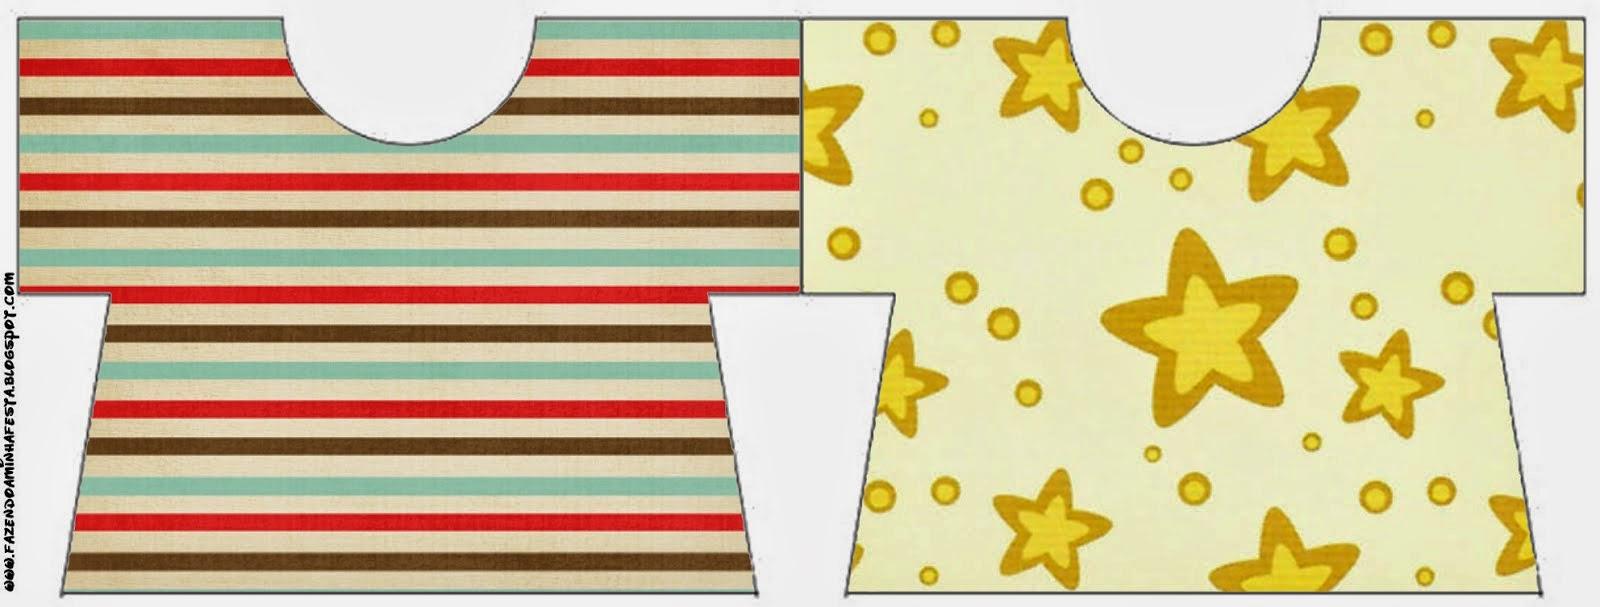 Tarjeta con forma de Camiseta de Estrellas Doradas y Rayas de Colores.